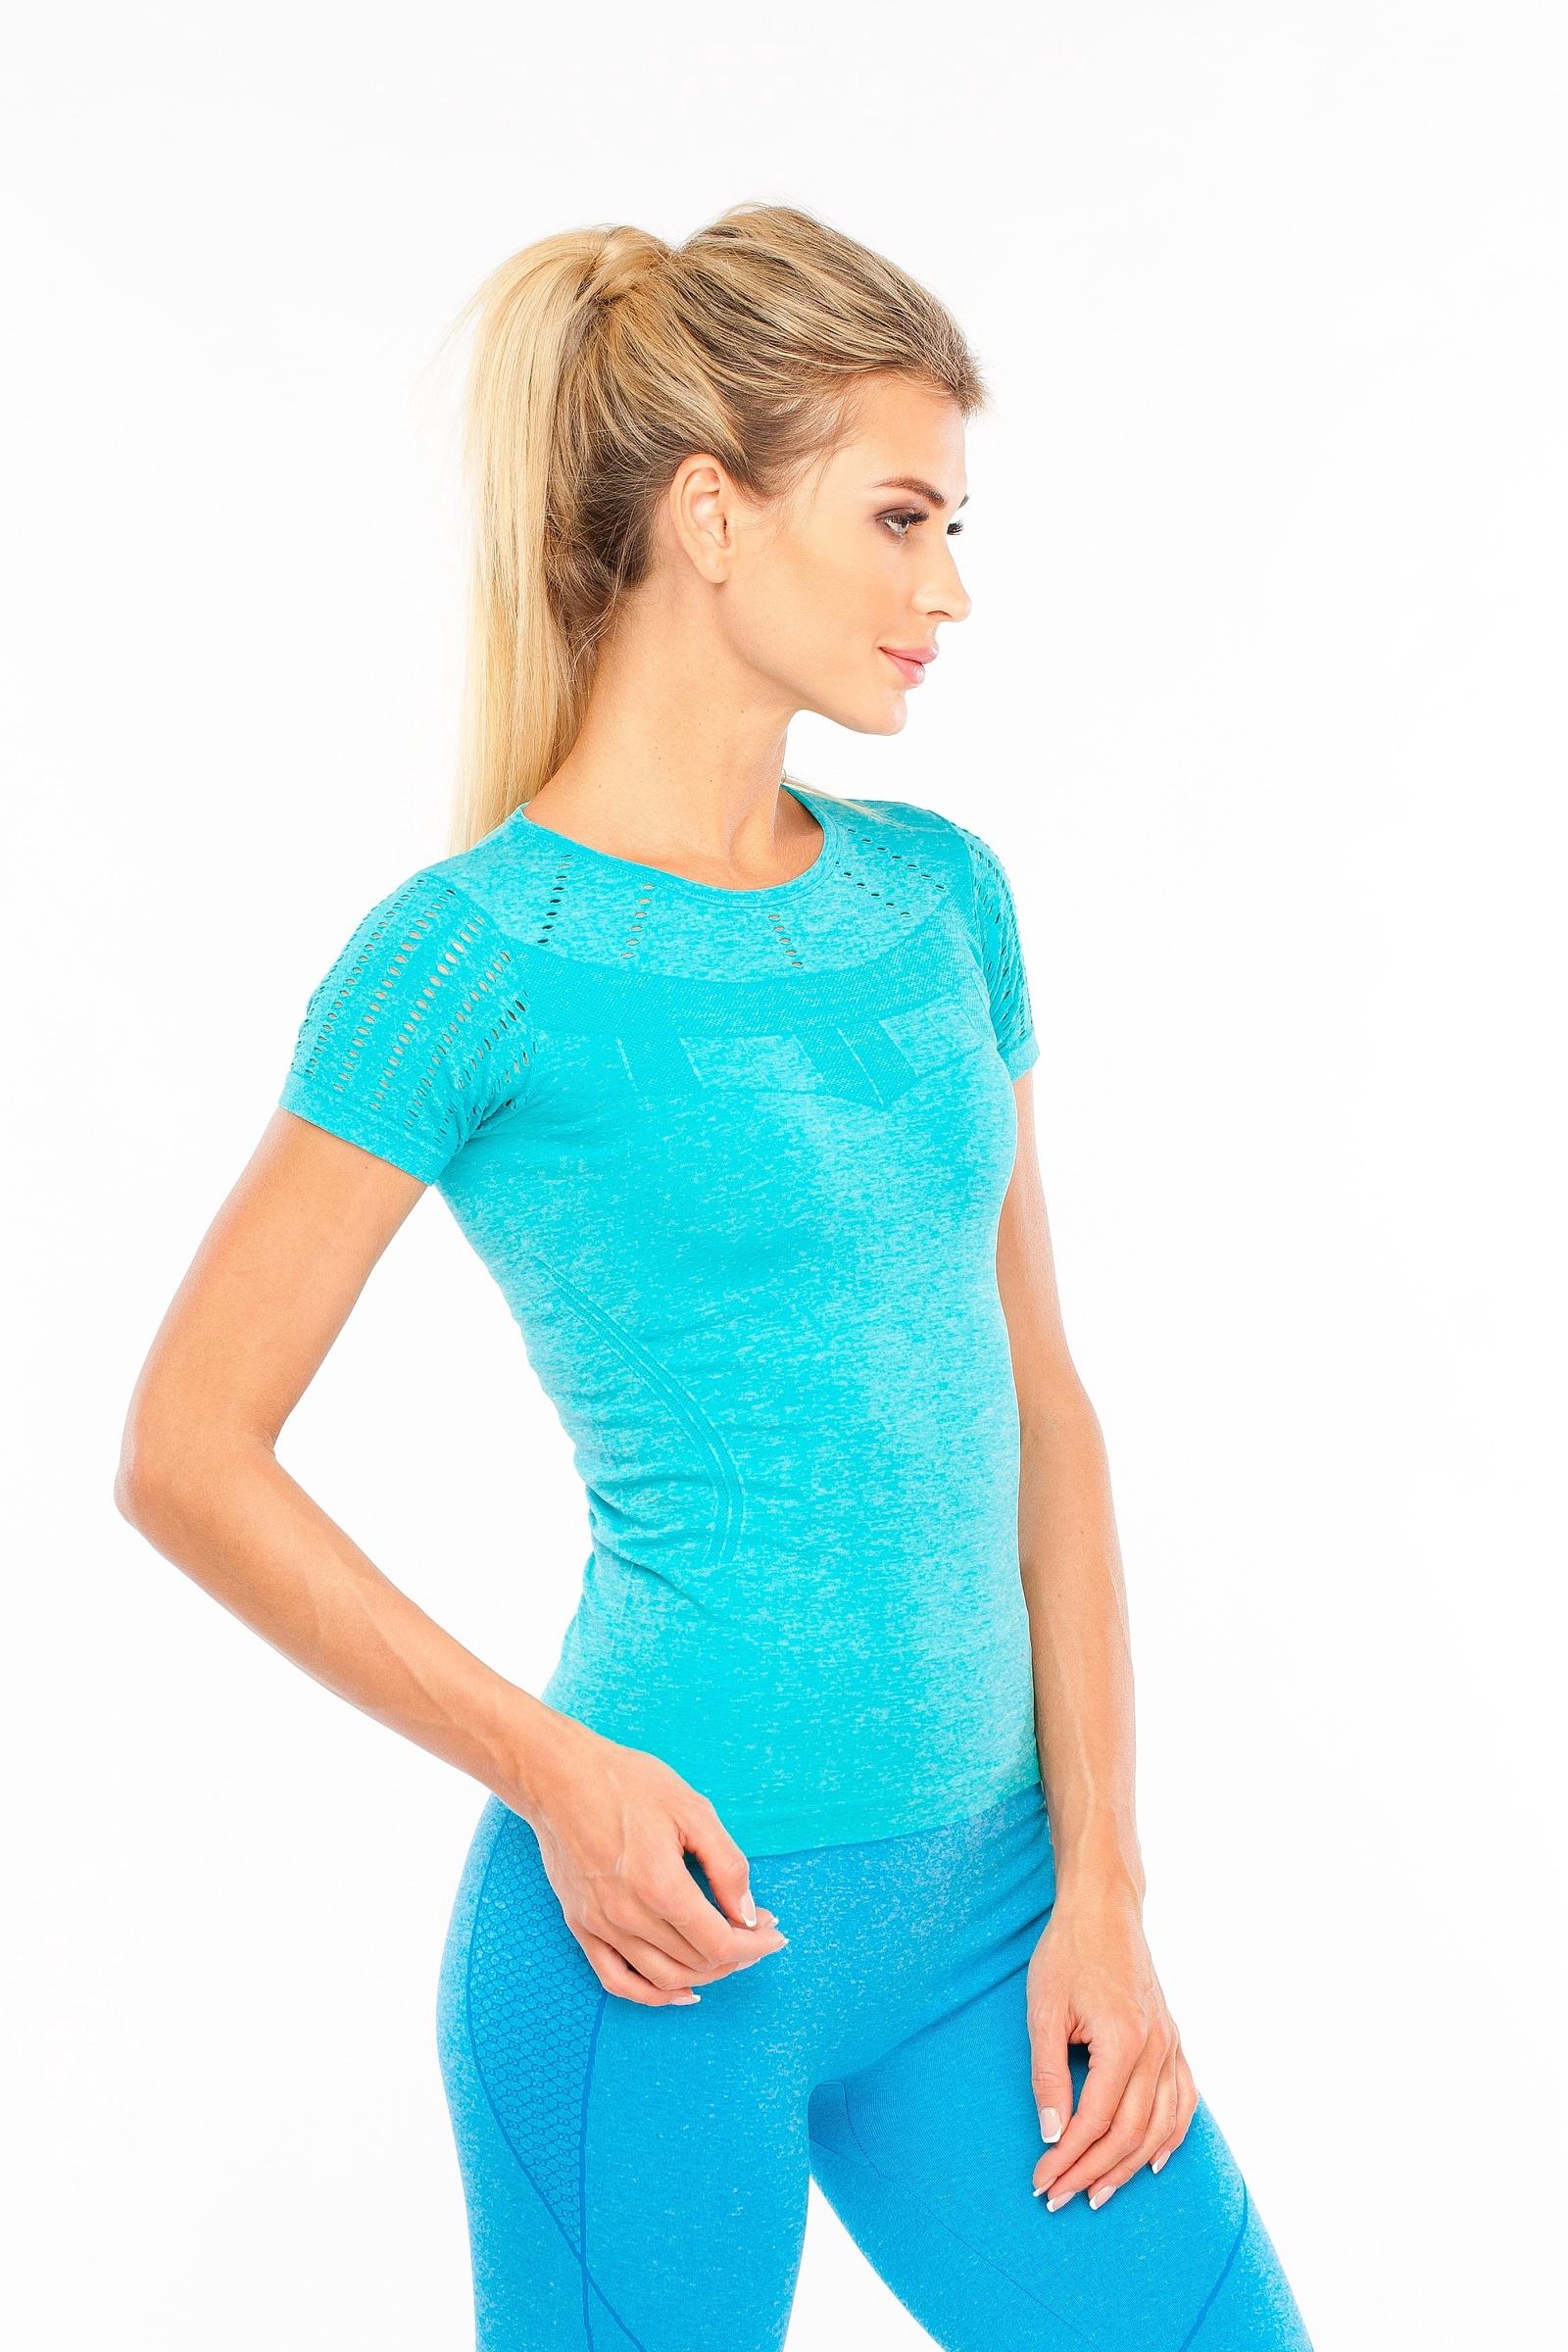 Футболка Pro-fit, бирюзовый 42 размерLF005 ELECTRIC BLUE (S)Спортивная женская футболка, подходит для занятия: фитнес, бег, йога и другие спортивные занятия.